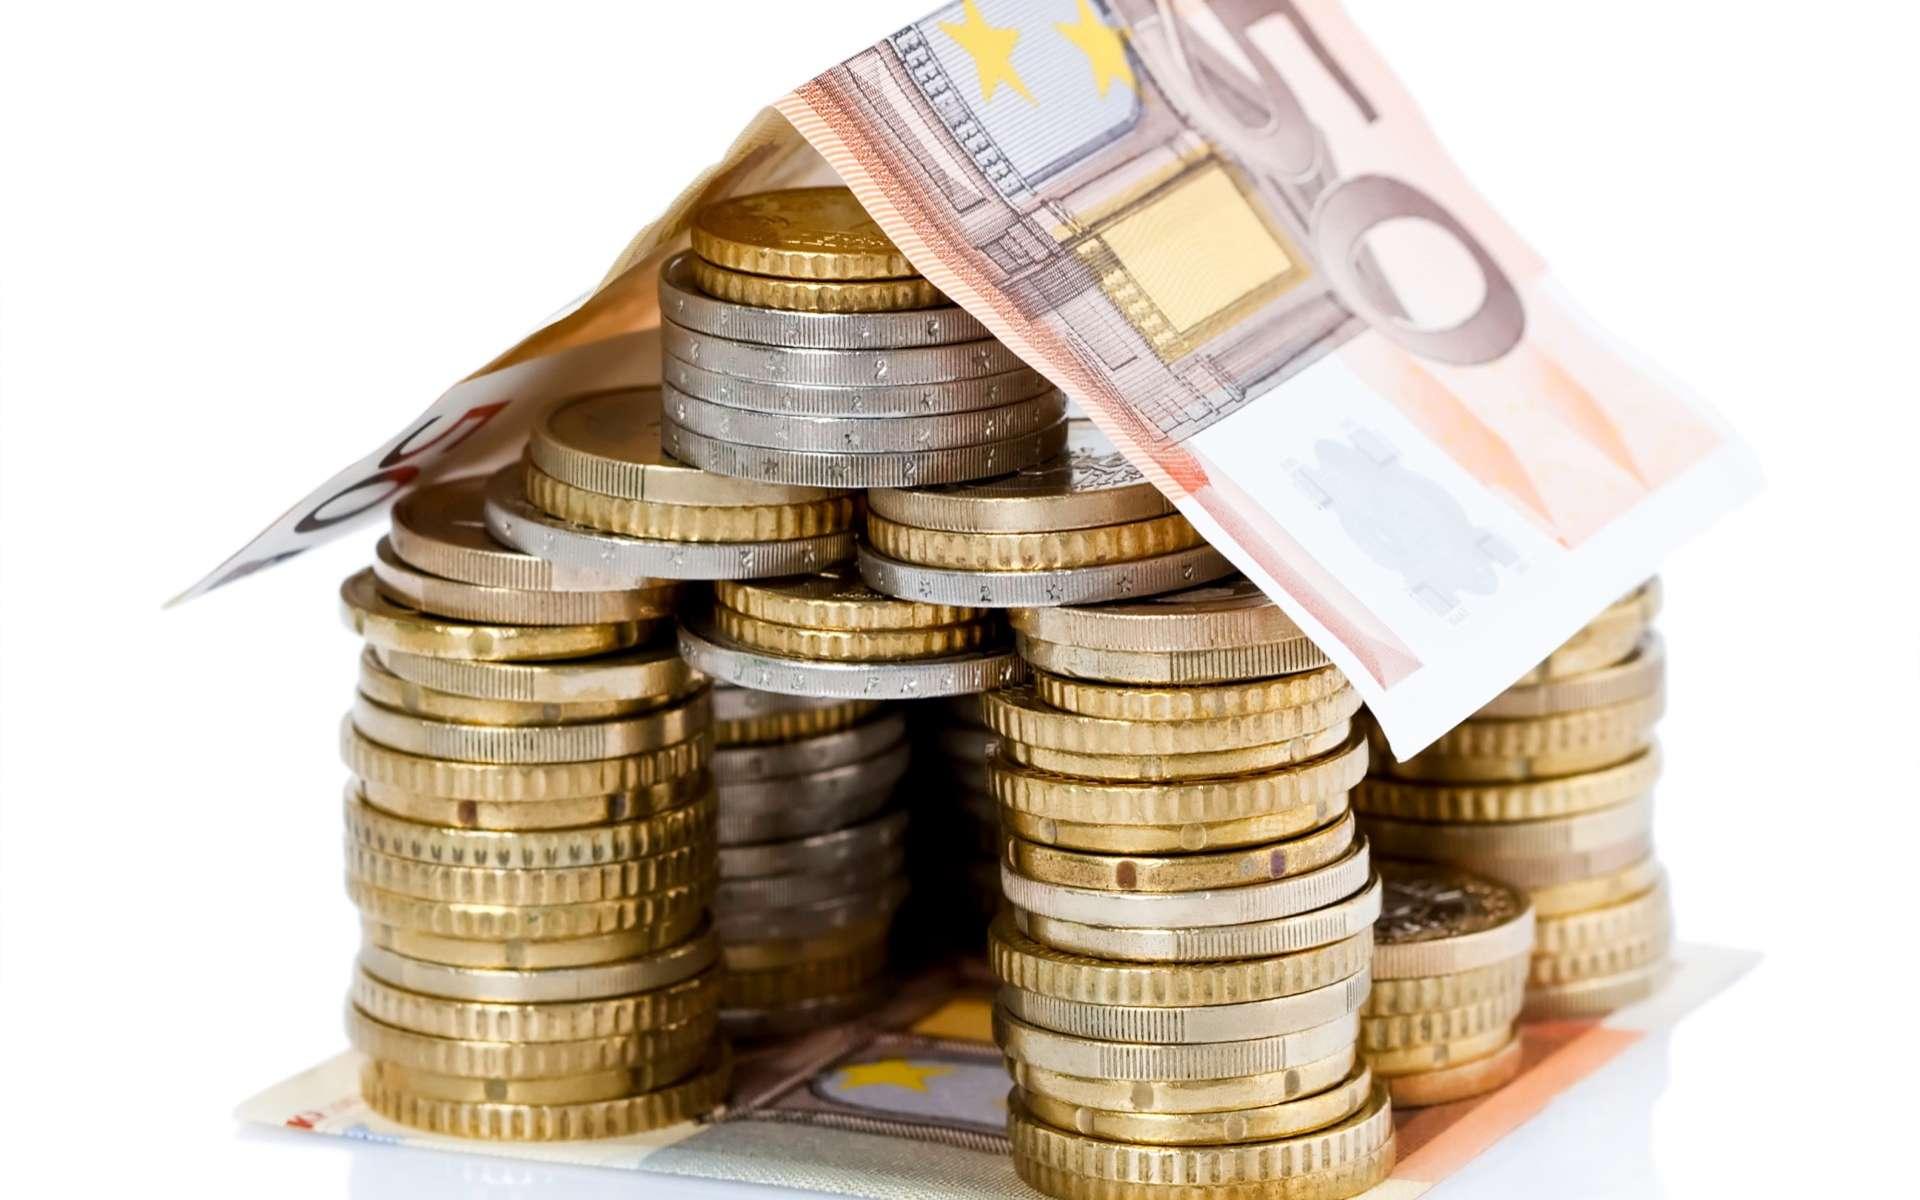 Une même hypothèque pouvait garantir des crédits successifs. © Frog974, Fotolia